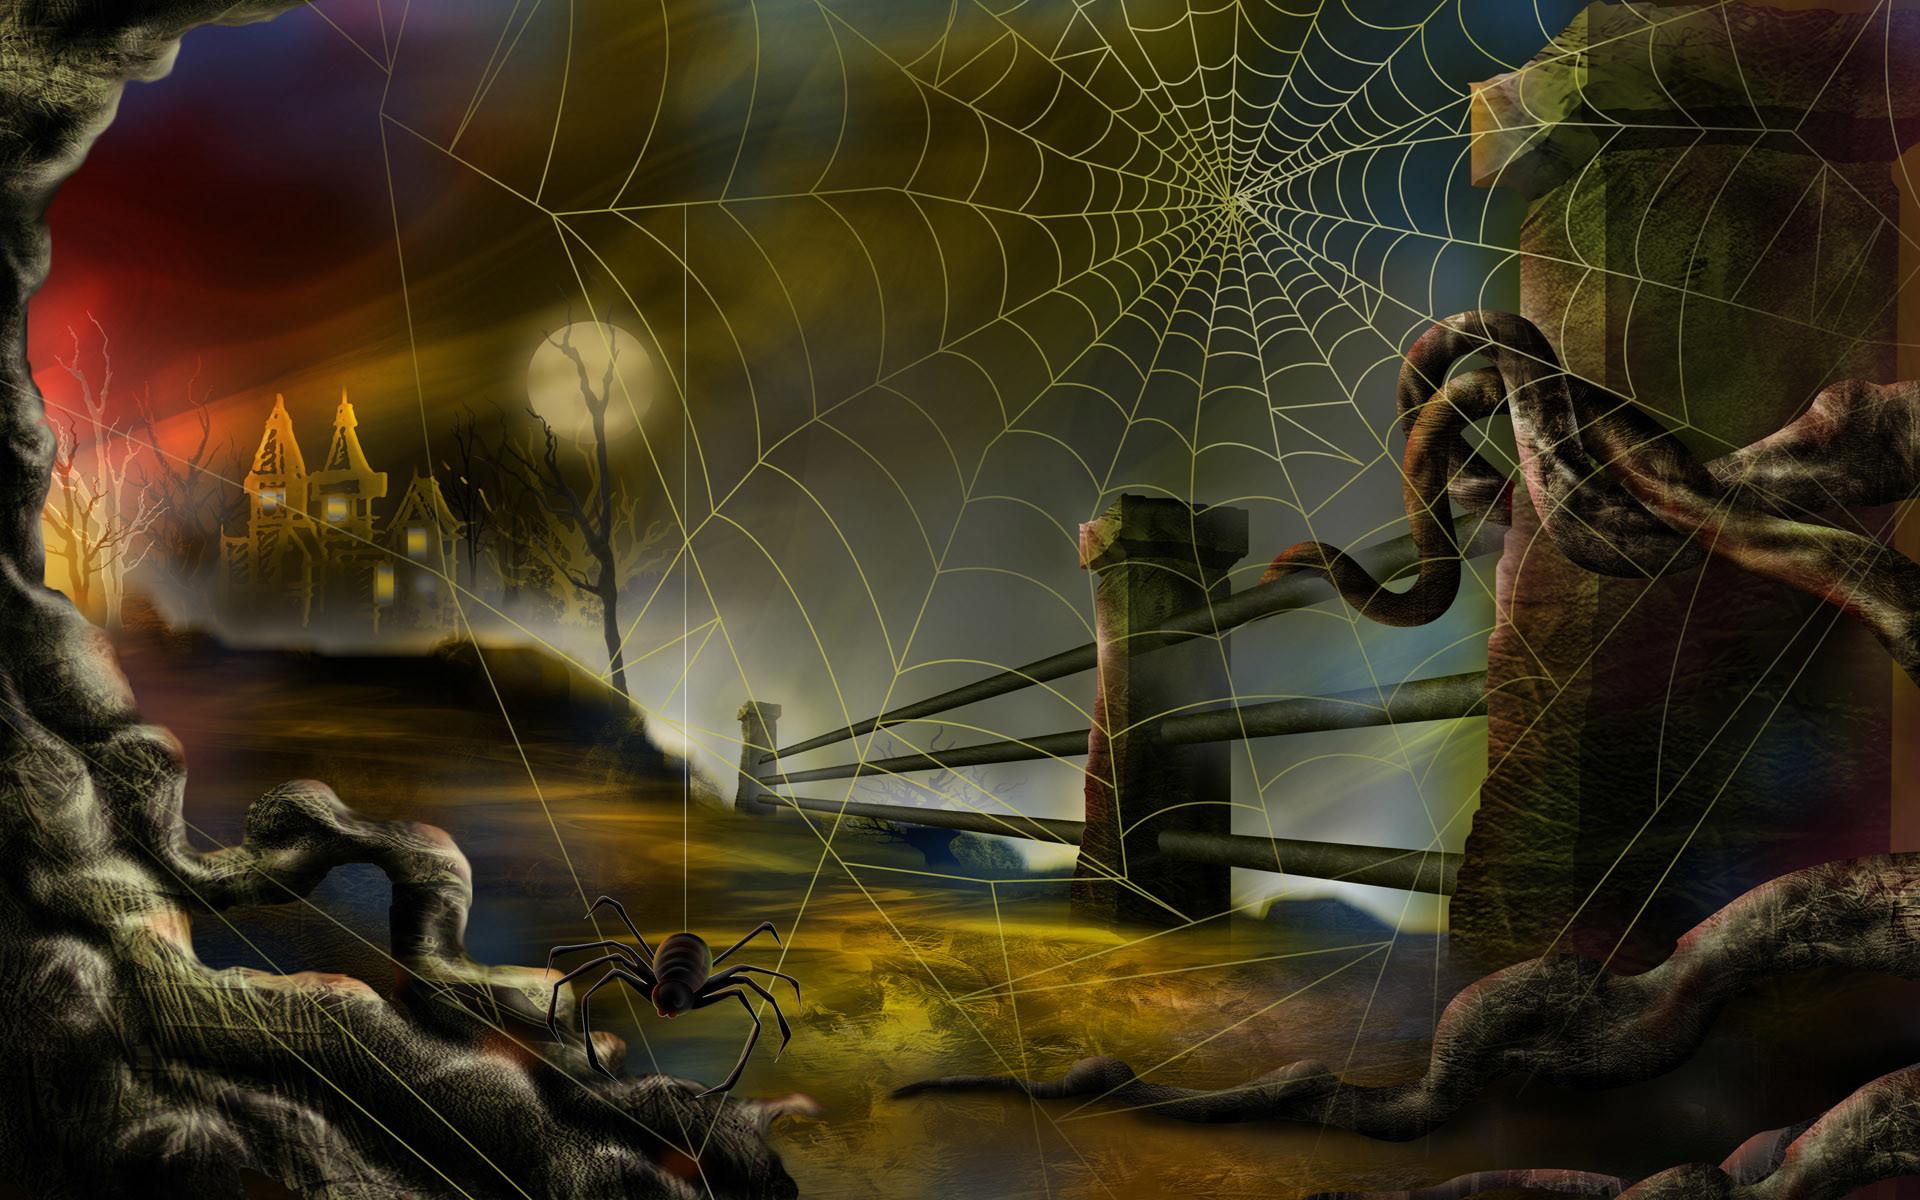 Halloween Wallpaper 12